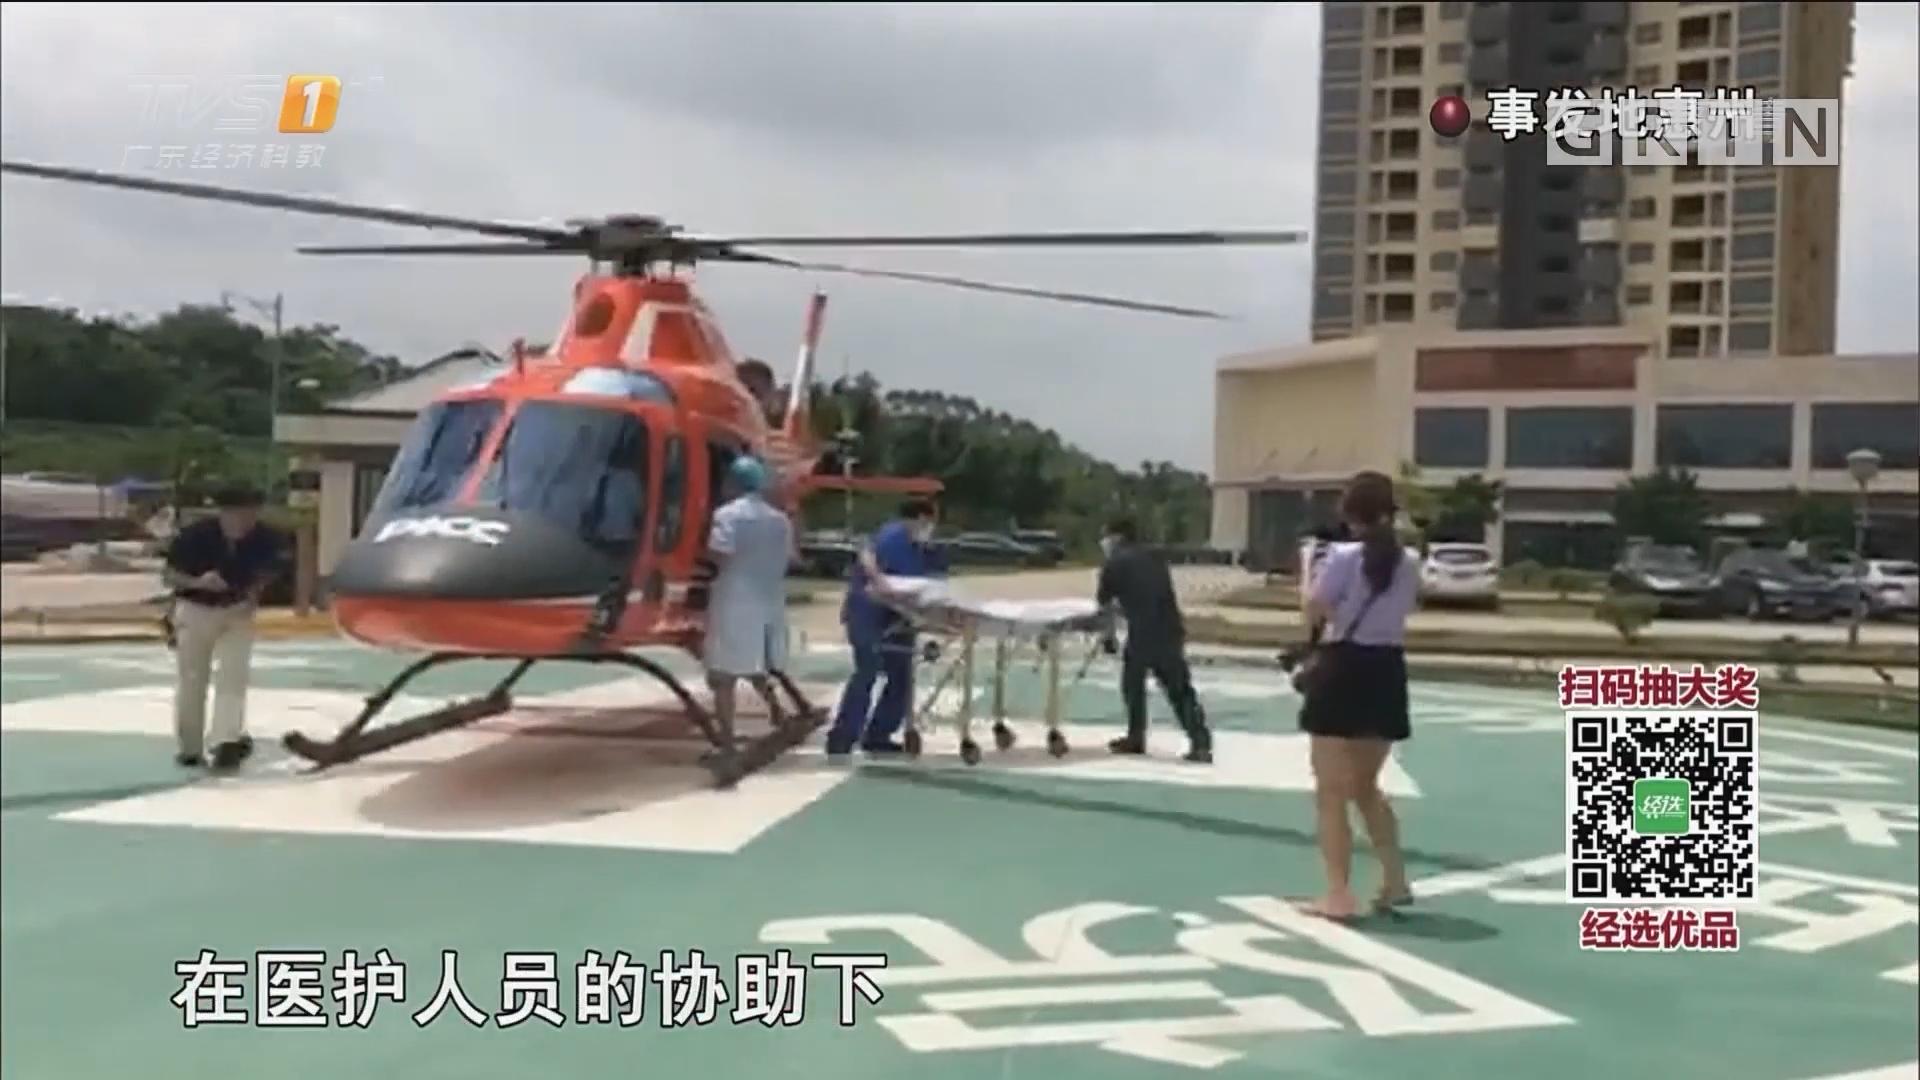 惠州:工人施工高坠骨折 空中救援直升机紧急出动